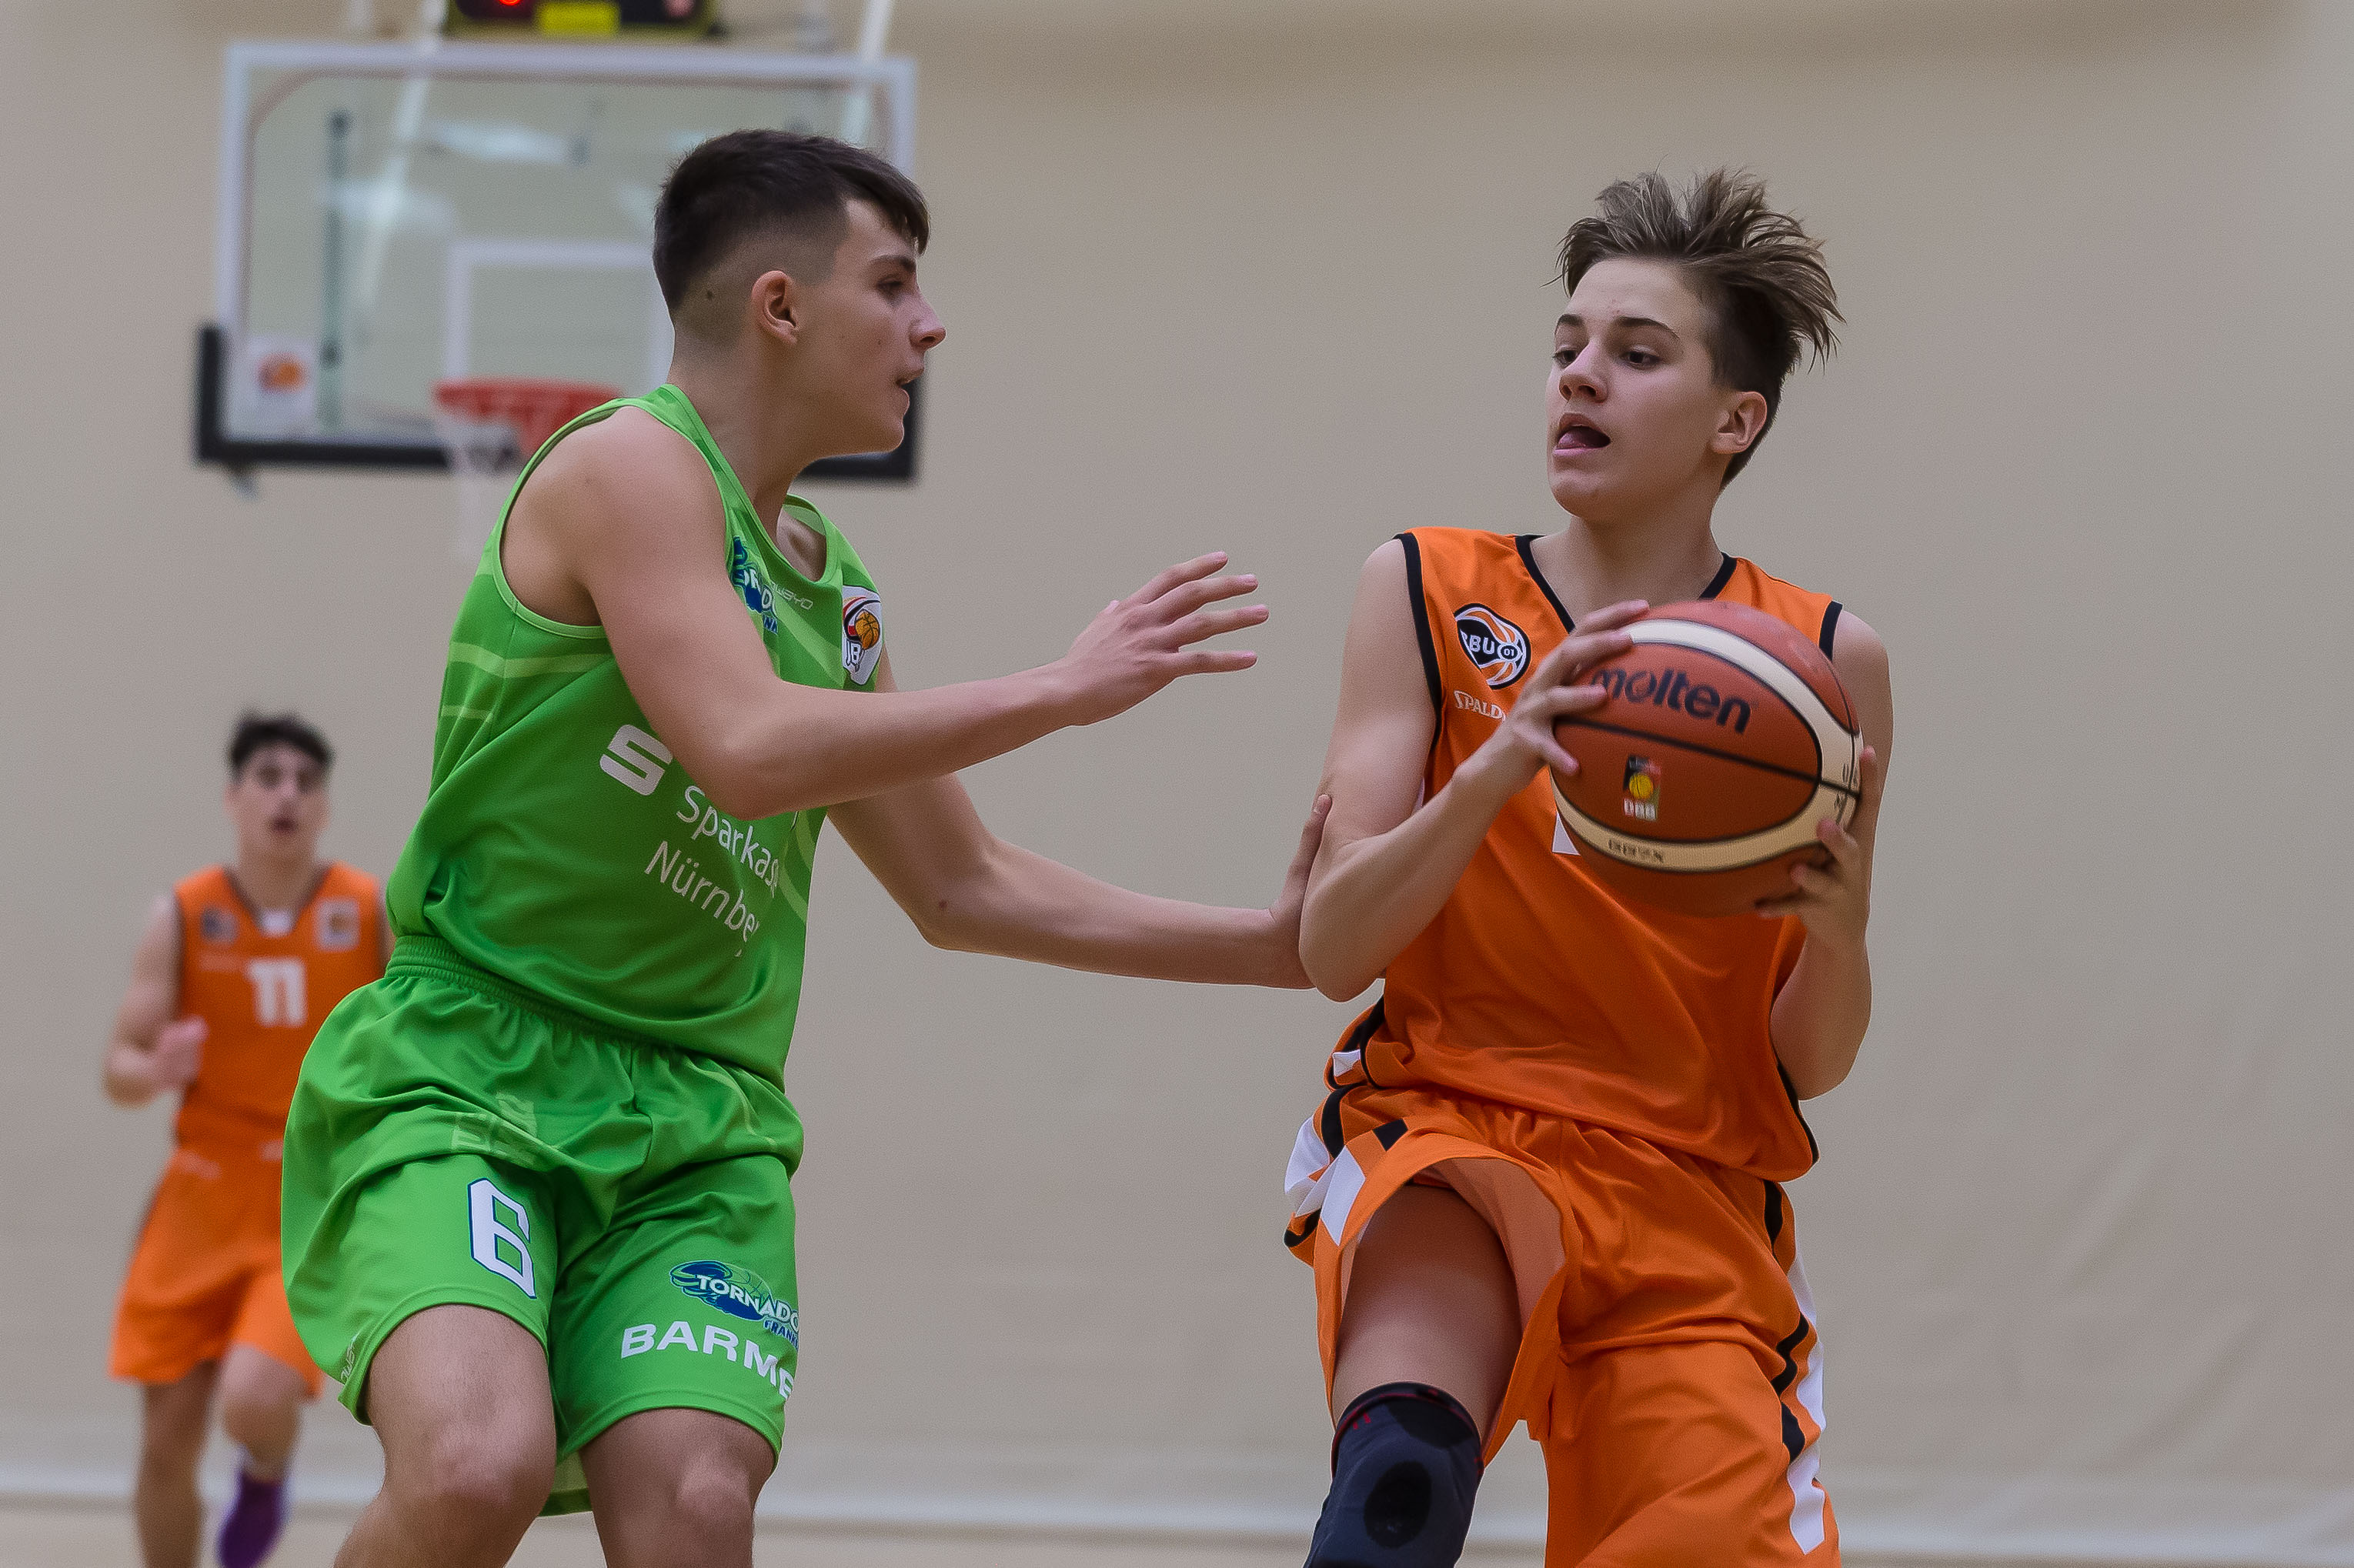 JBBL_19-20_OrangeAcademy_TORNADOS-FRANKEN_Spieltag2_Jaron-Hrabcik-2